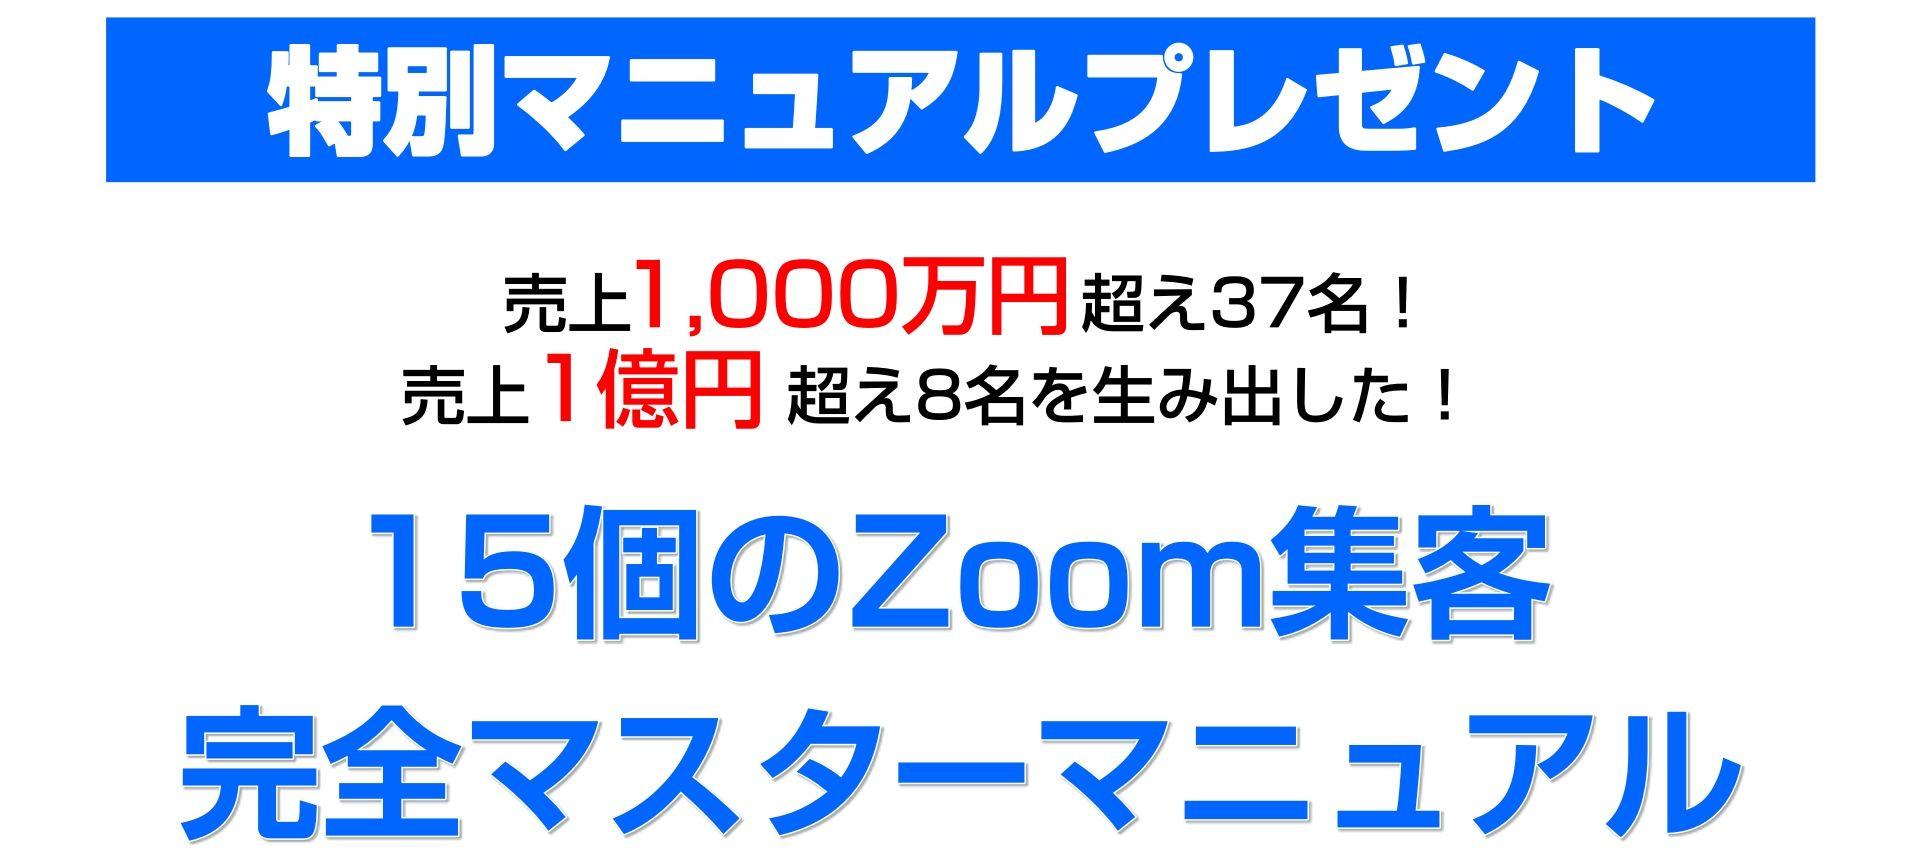 5万円相当の教材「Zoom集客 完全マスターマニュアル集」をプレゼント!